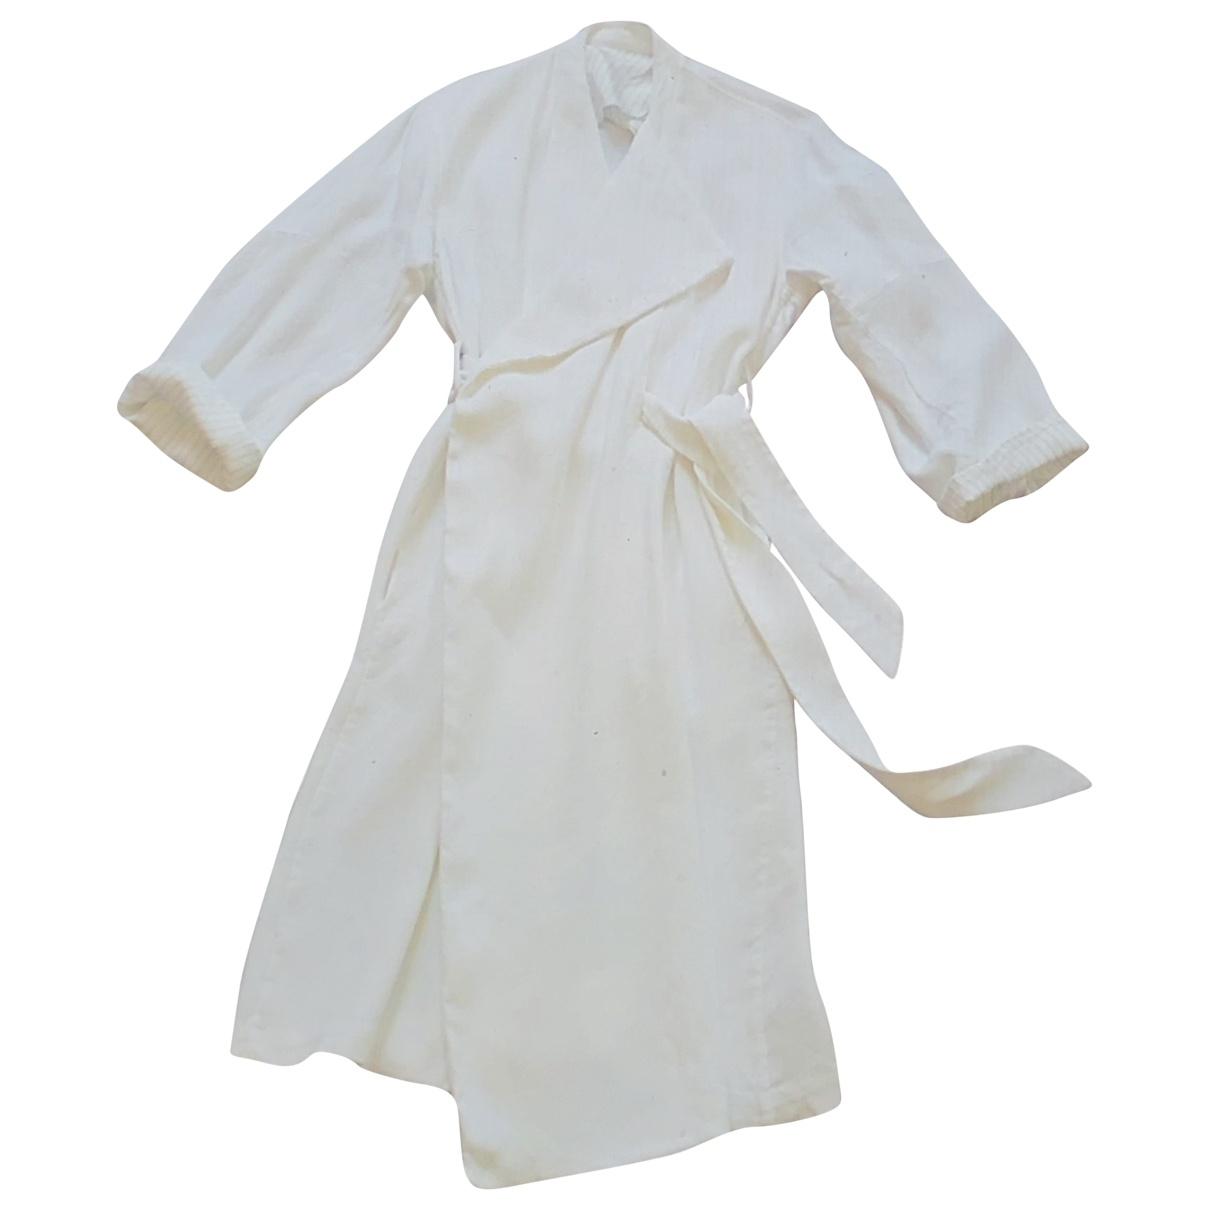 Acne Studios \N White Linen coat for Women S International